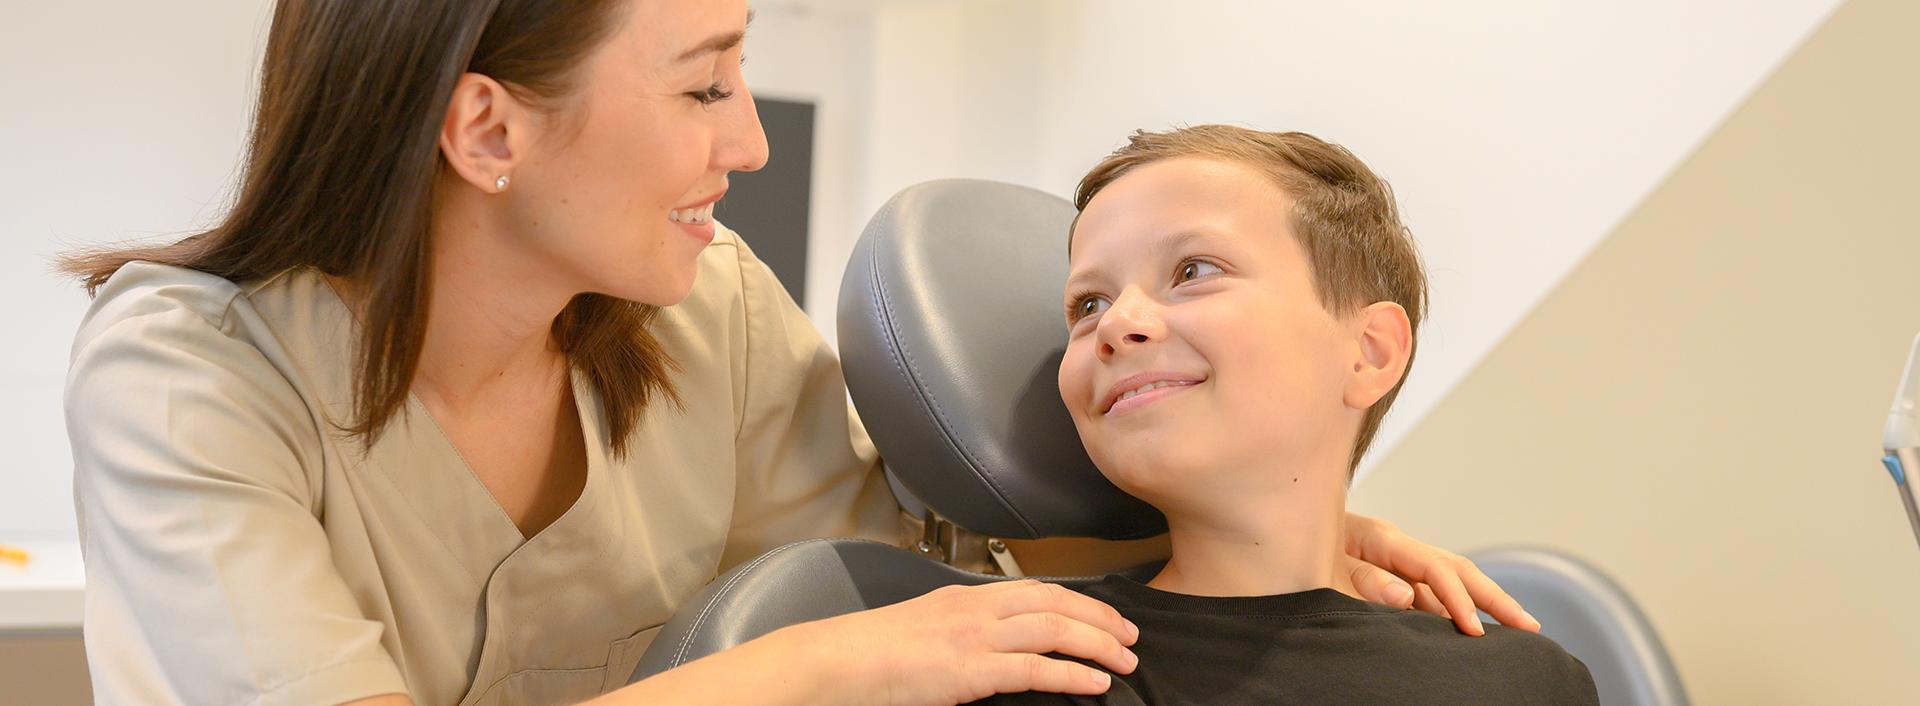 Zahnarzthelferin erklärt einem jungen Patienten etwas